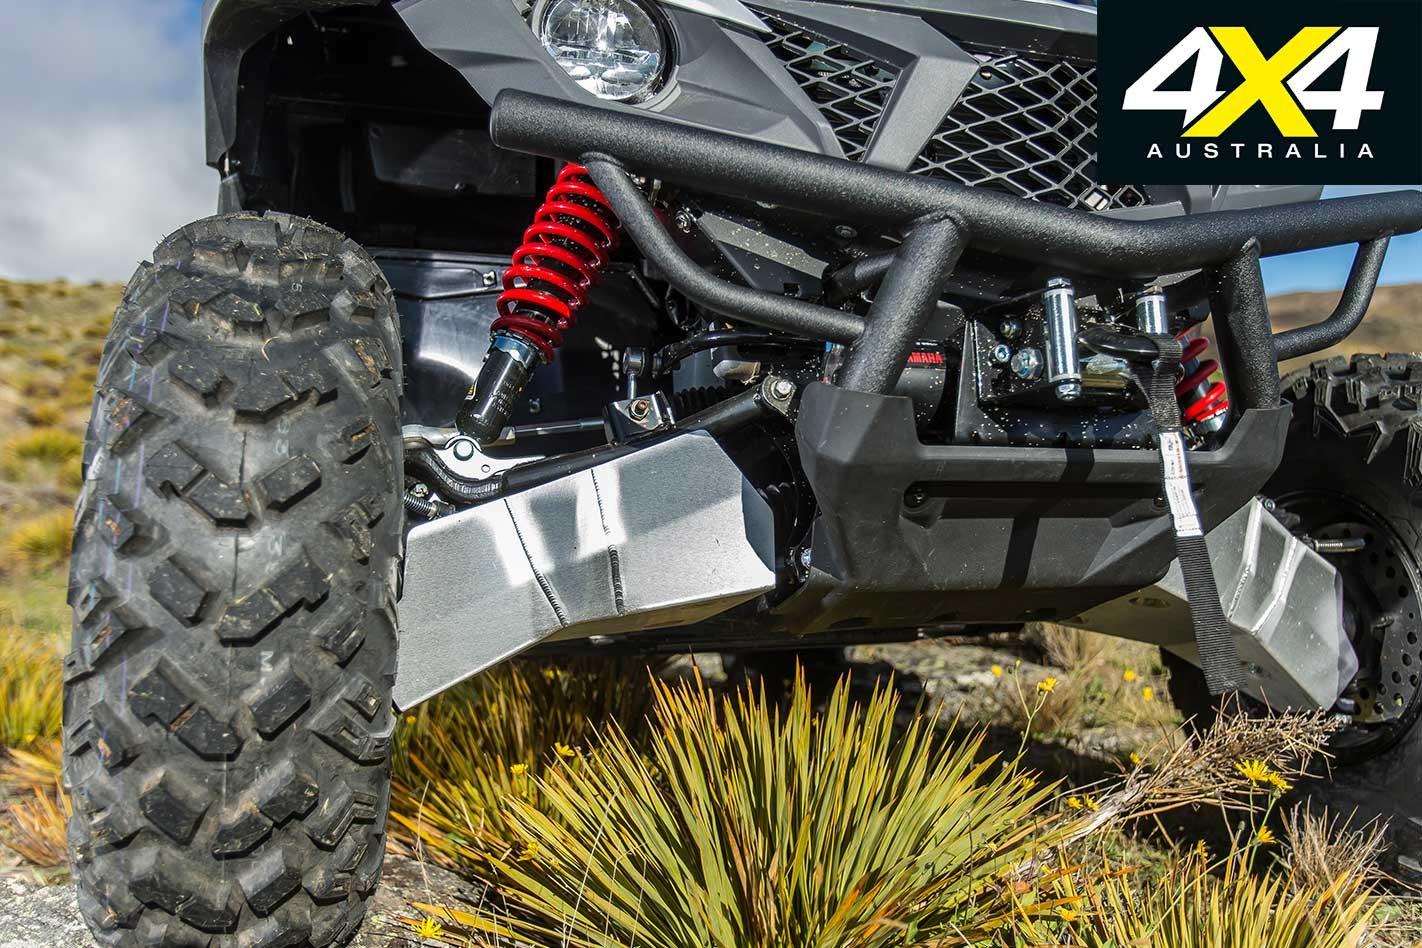 Yamaha Wolverine X4 UTV product test